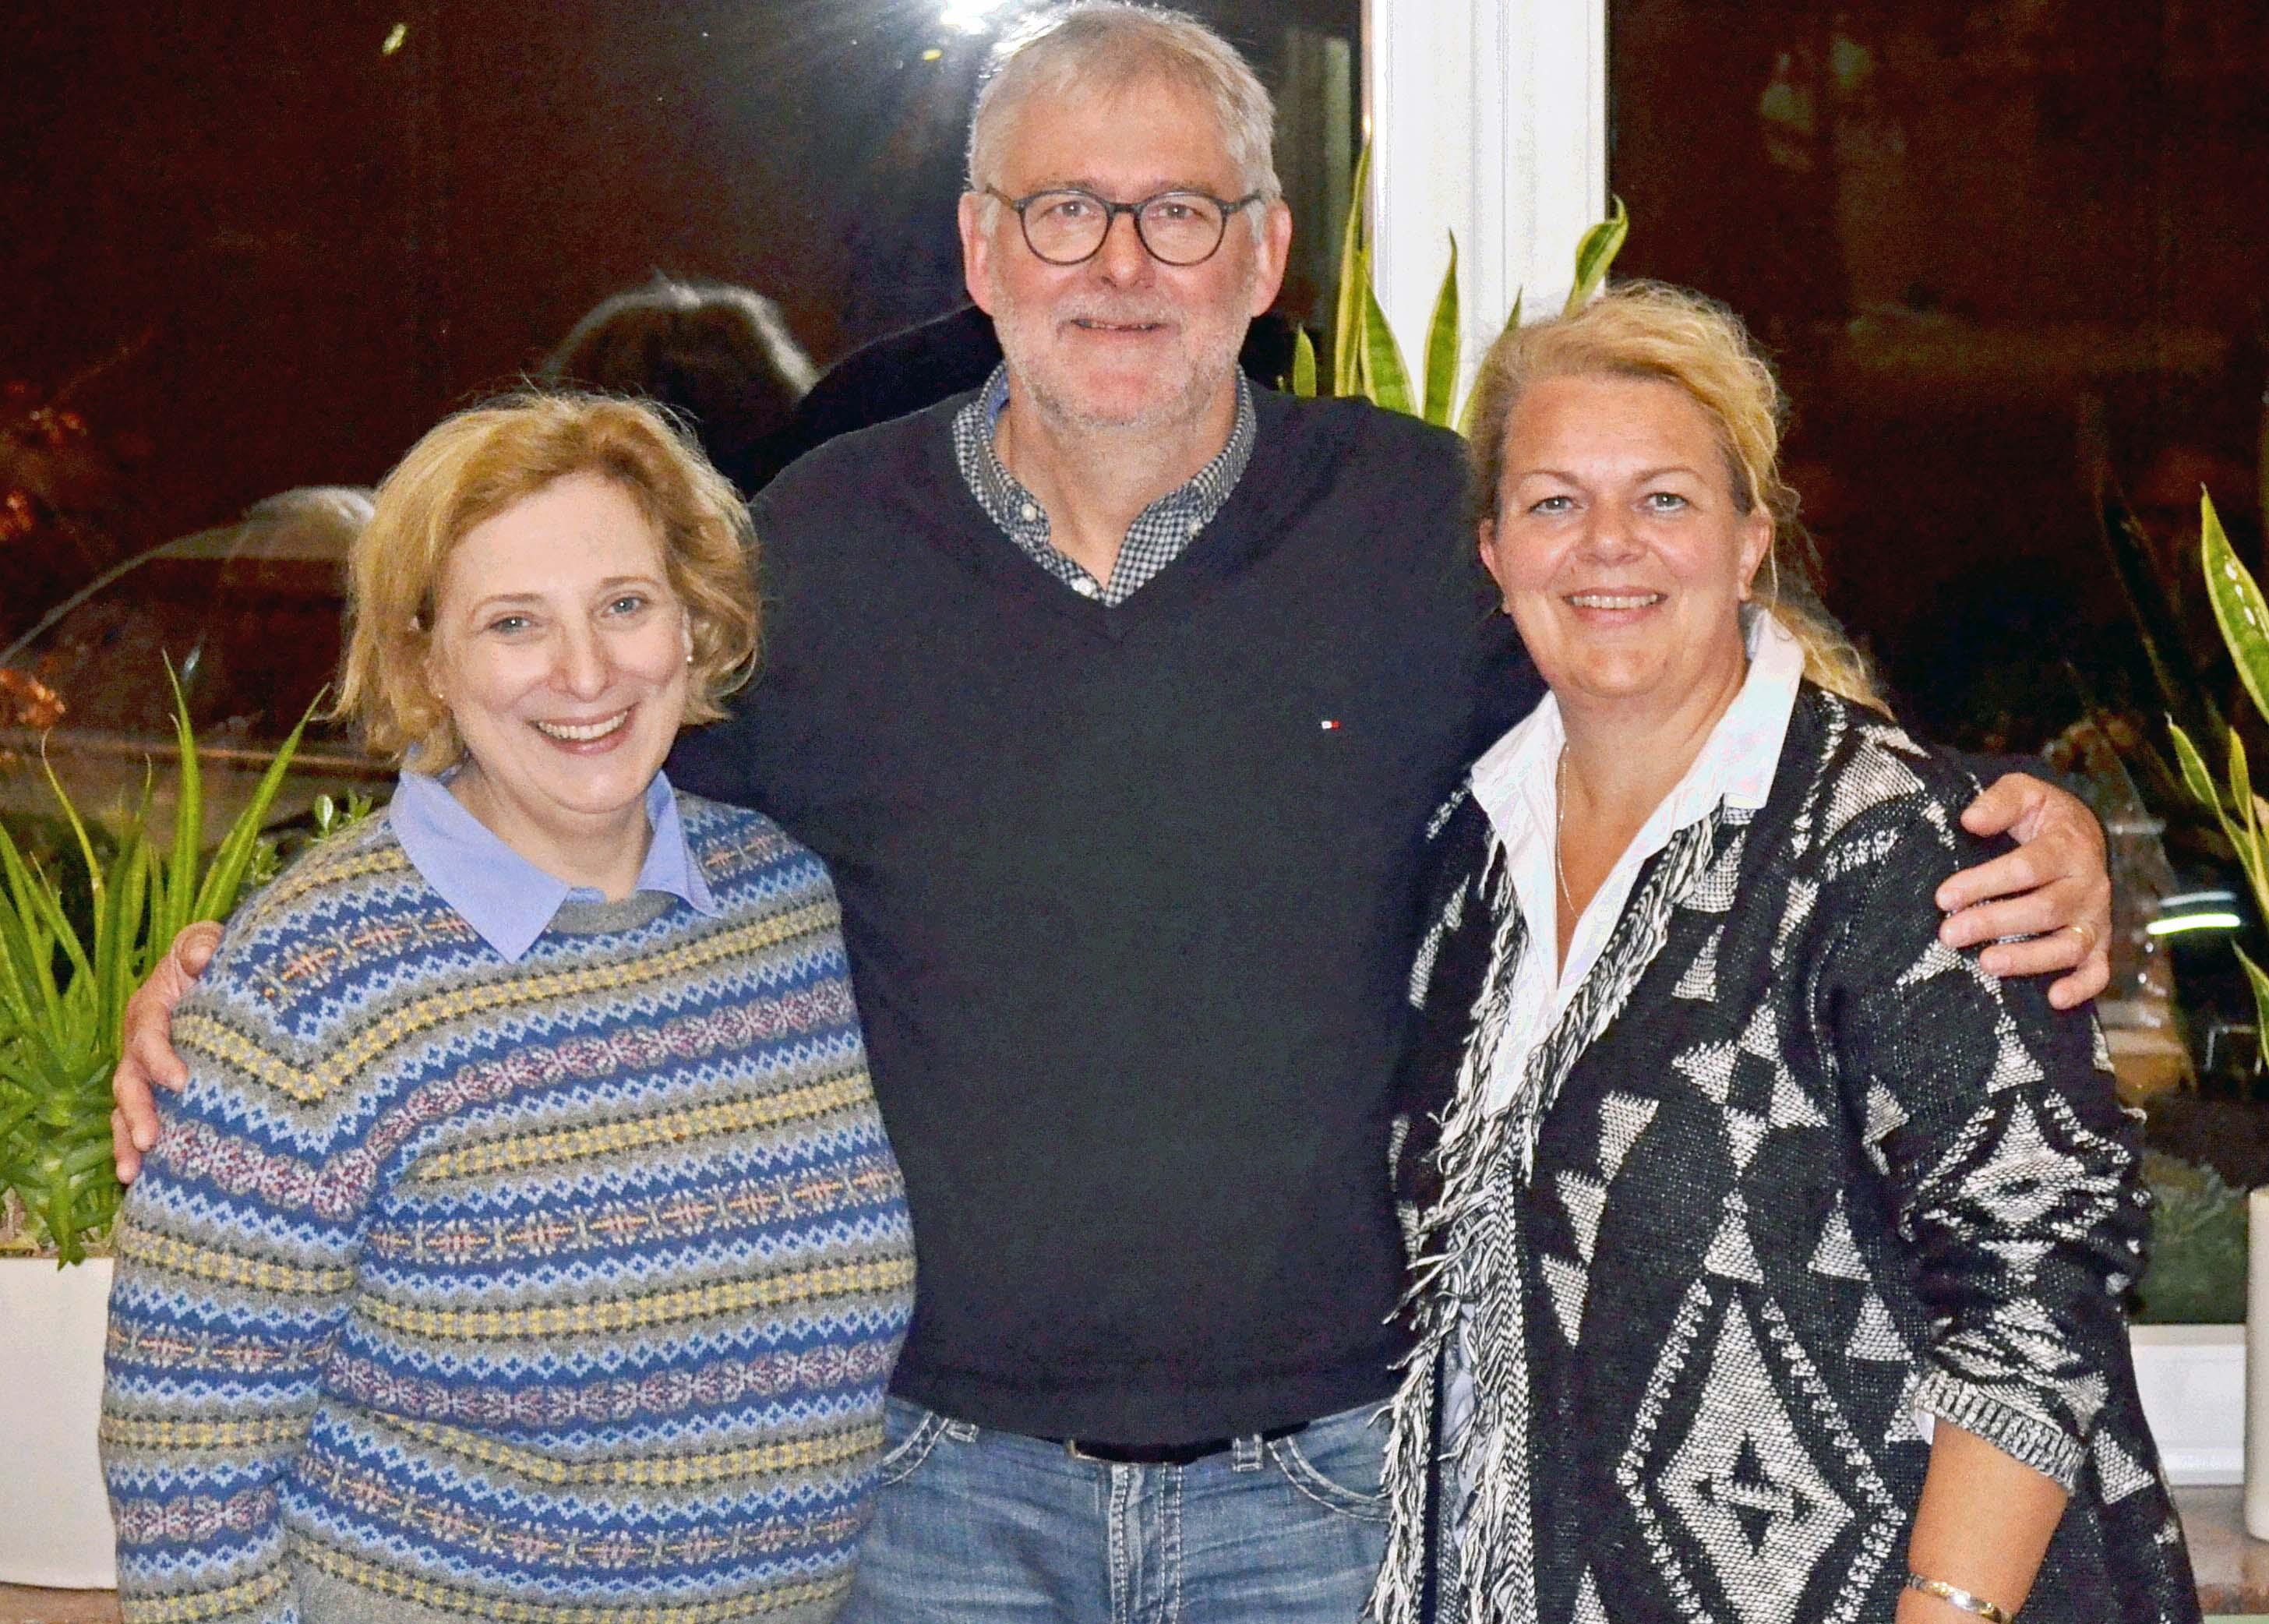 Dr. Daniela De Ridder (SPD-Bundestagsabgeordnete), Bernhard Temmen (Ehrung für 30 Jahre SPD-Mitgliedschaft), Simone Plöger-van-Dijk (OV-Vorsitzende SPD Haselünne)